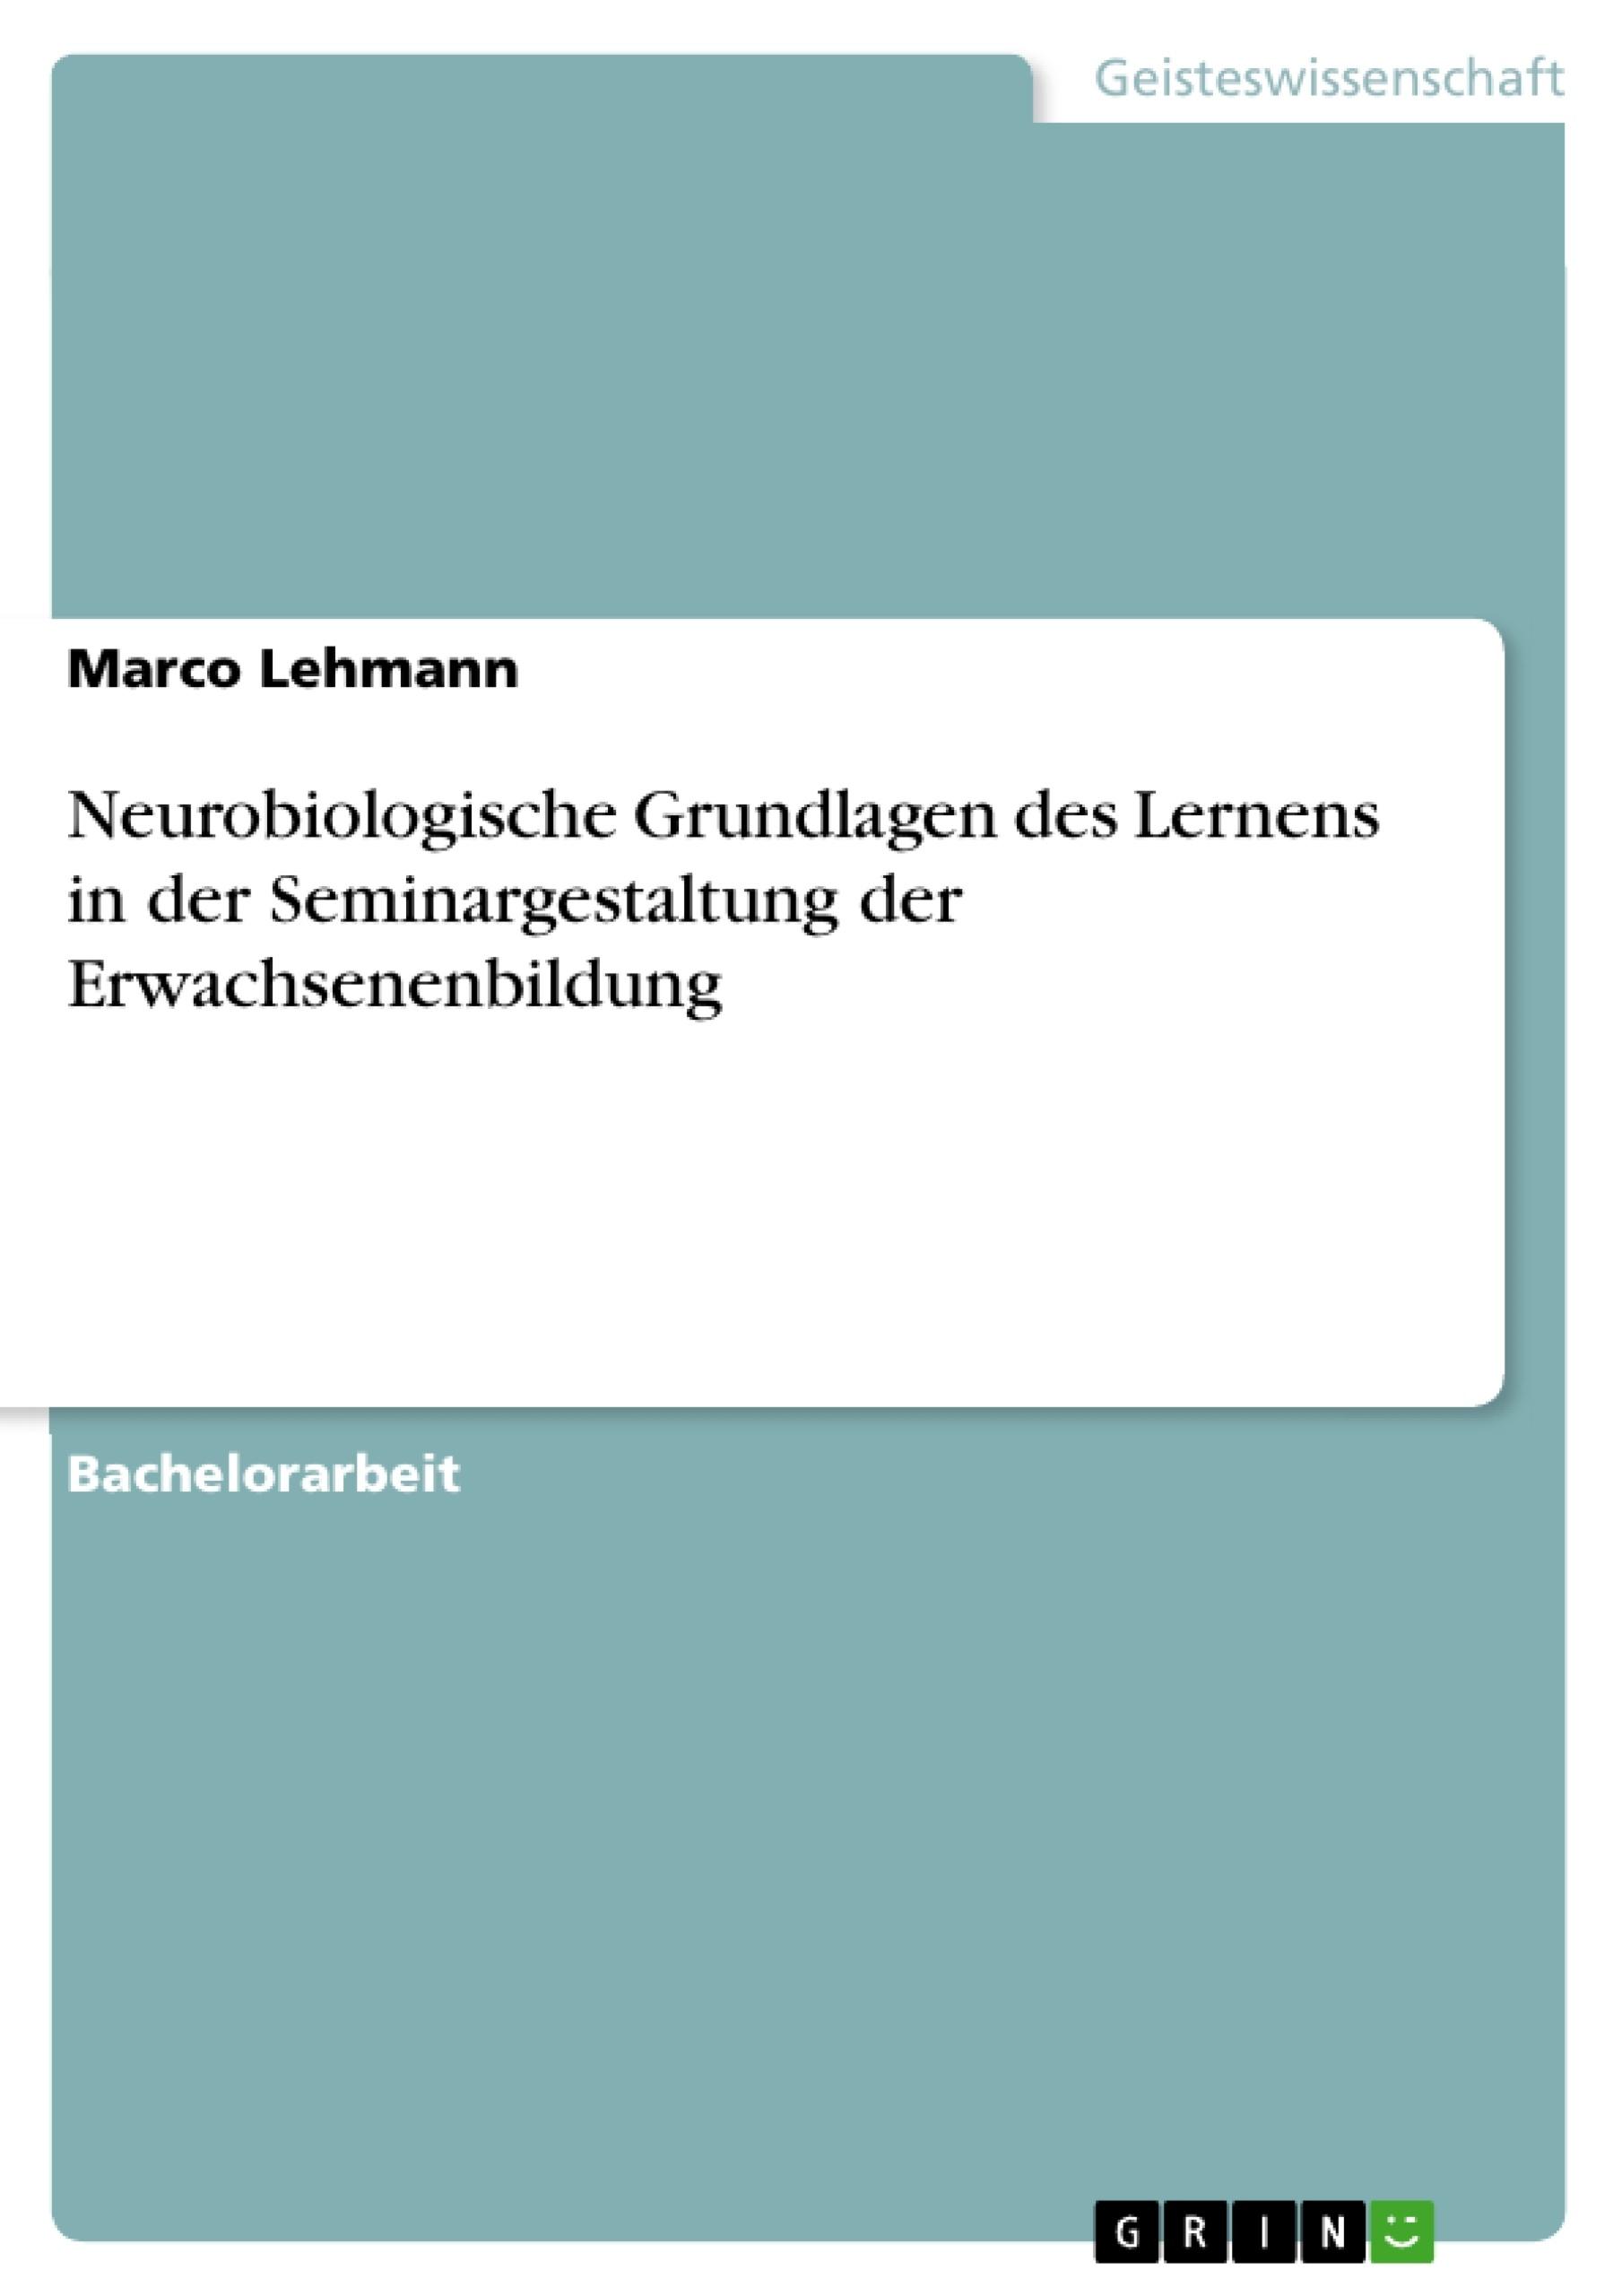 Titel: Neurobiologische Grundlagen des Lernens in der Seminargestaltung der Erwachsenenbildung